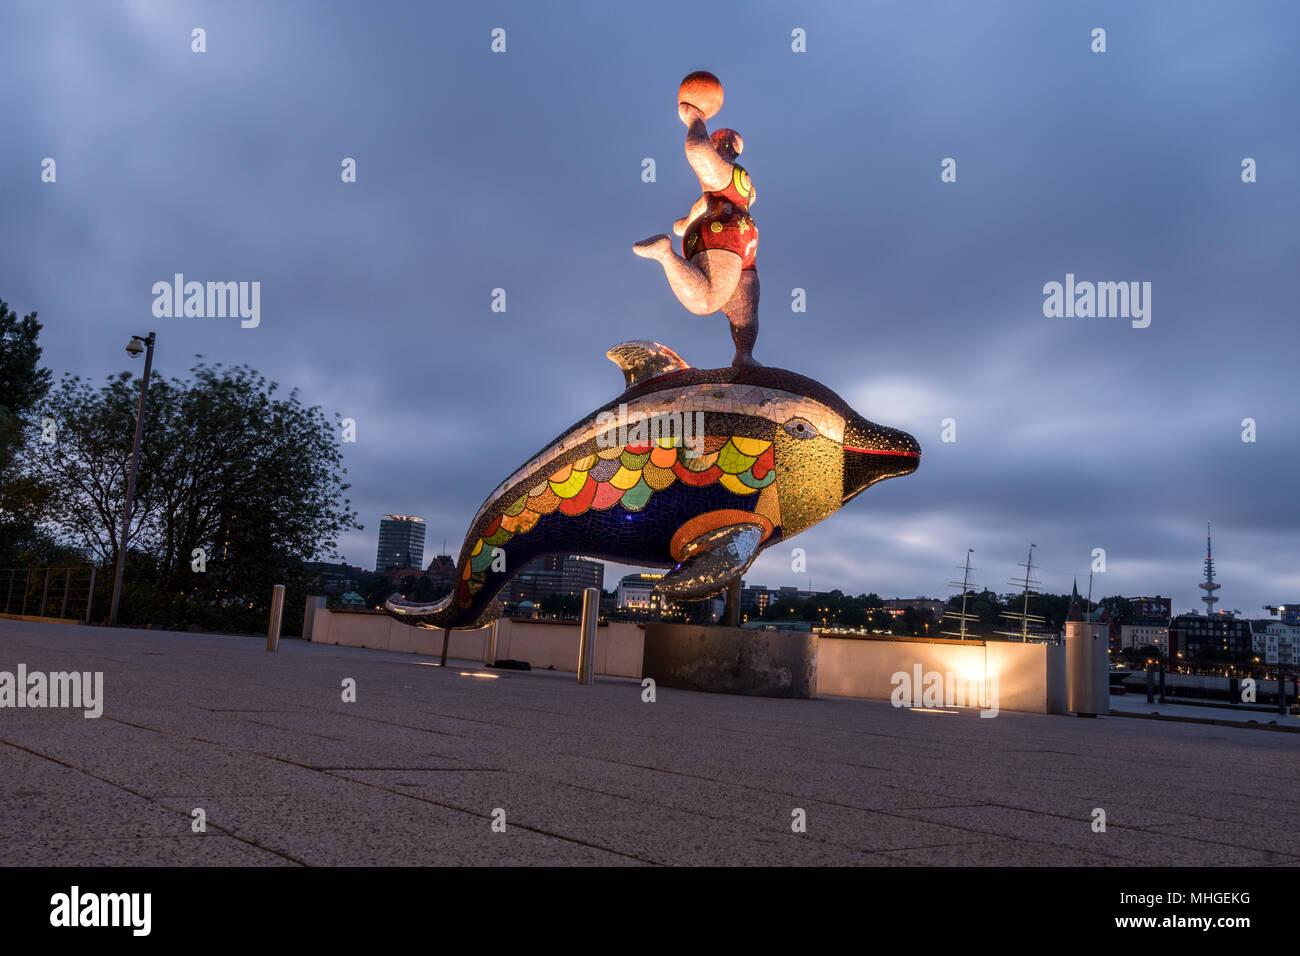 Free and Hanseatic City of Hamburg. Freie und Hansestadt Hamburg. - Stock Image